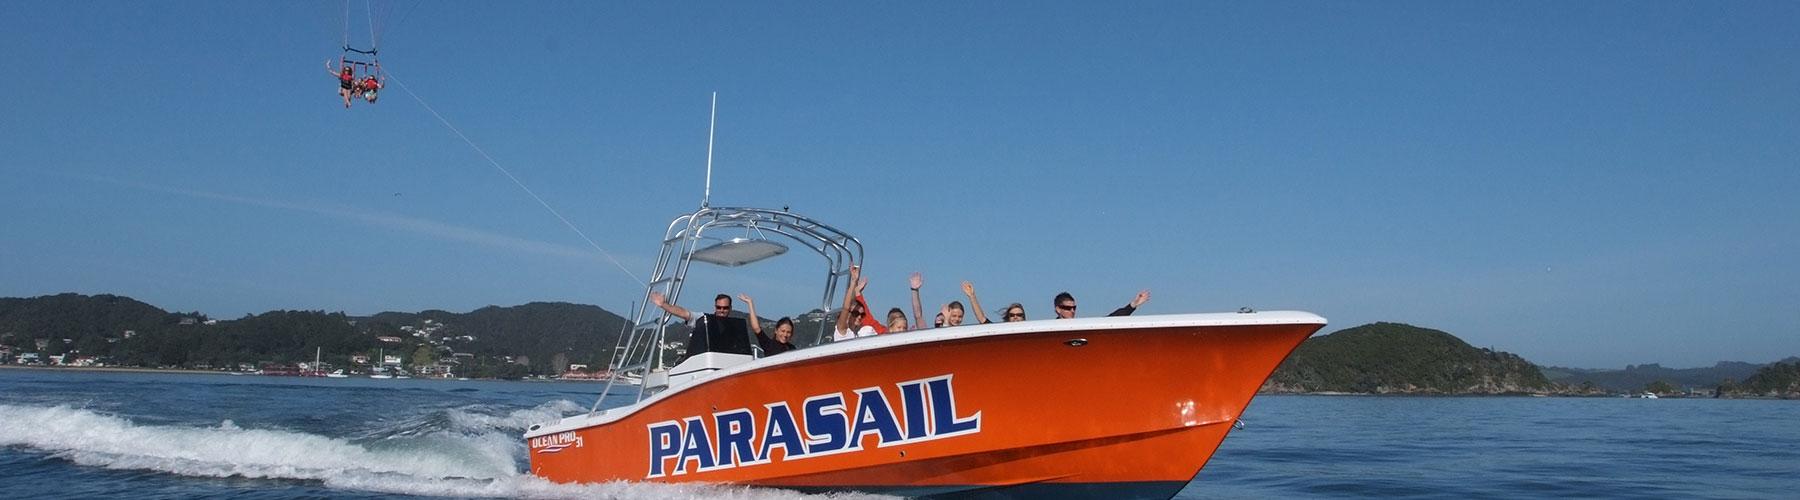 Flying Kiwi Parasailing Boat